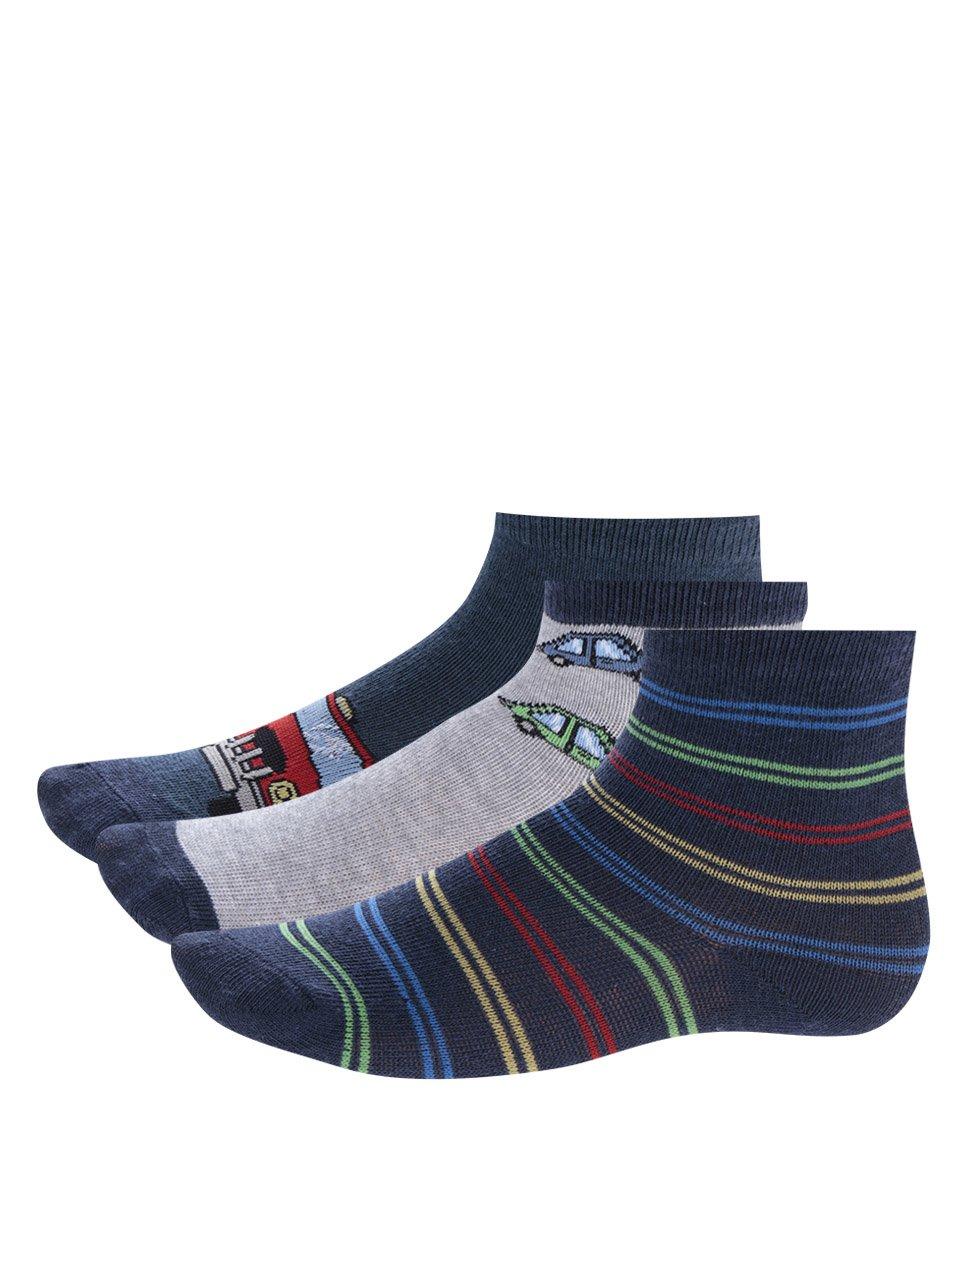 Fotografie Sada tří párů šedo-modrých klučičích ponožek s motivem aut 5.10.15.